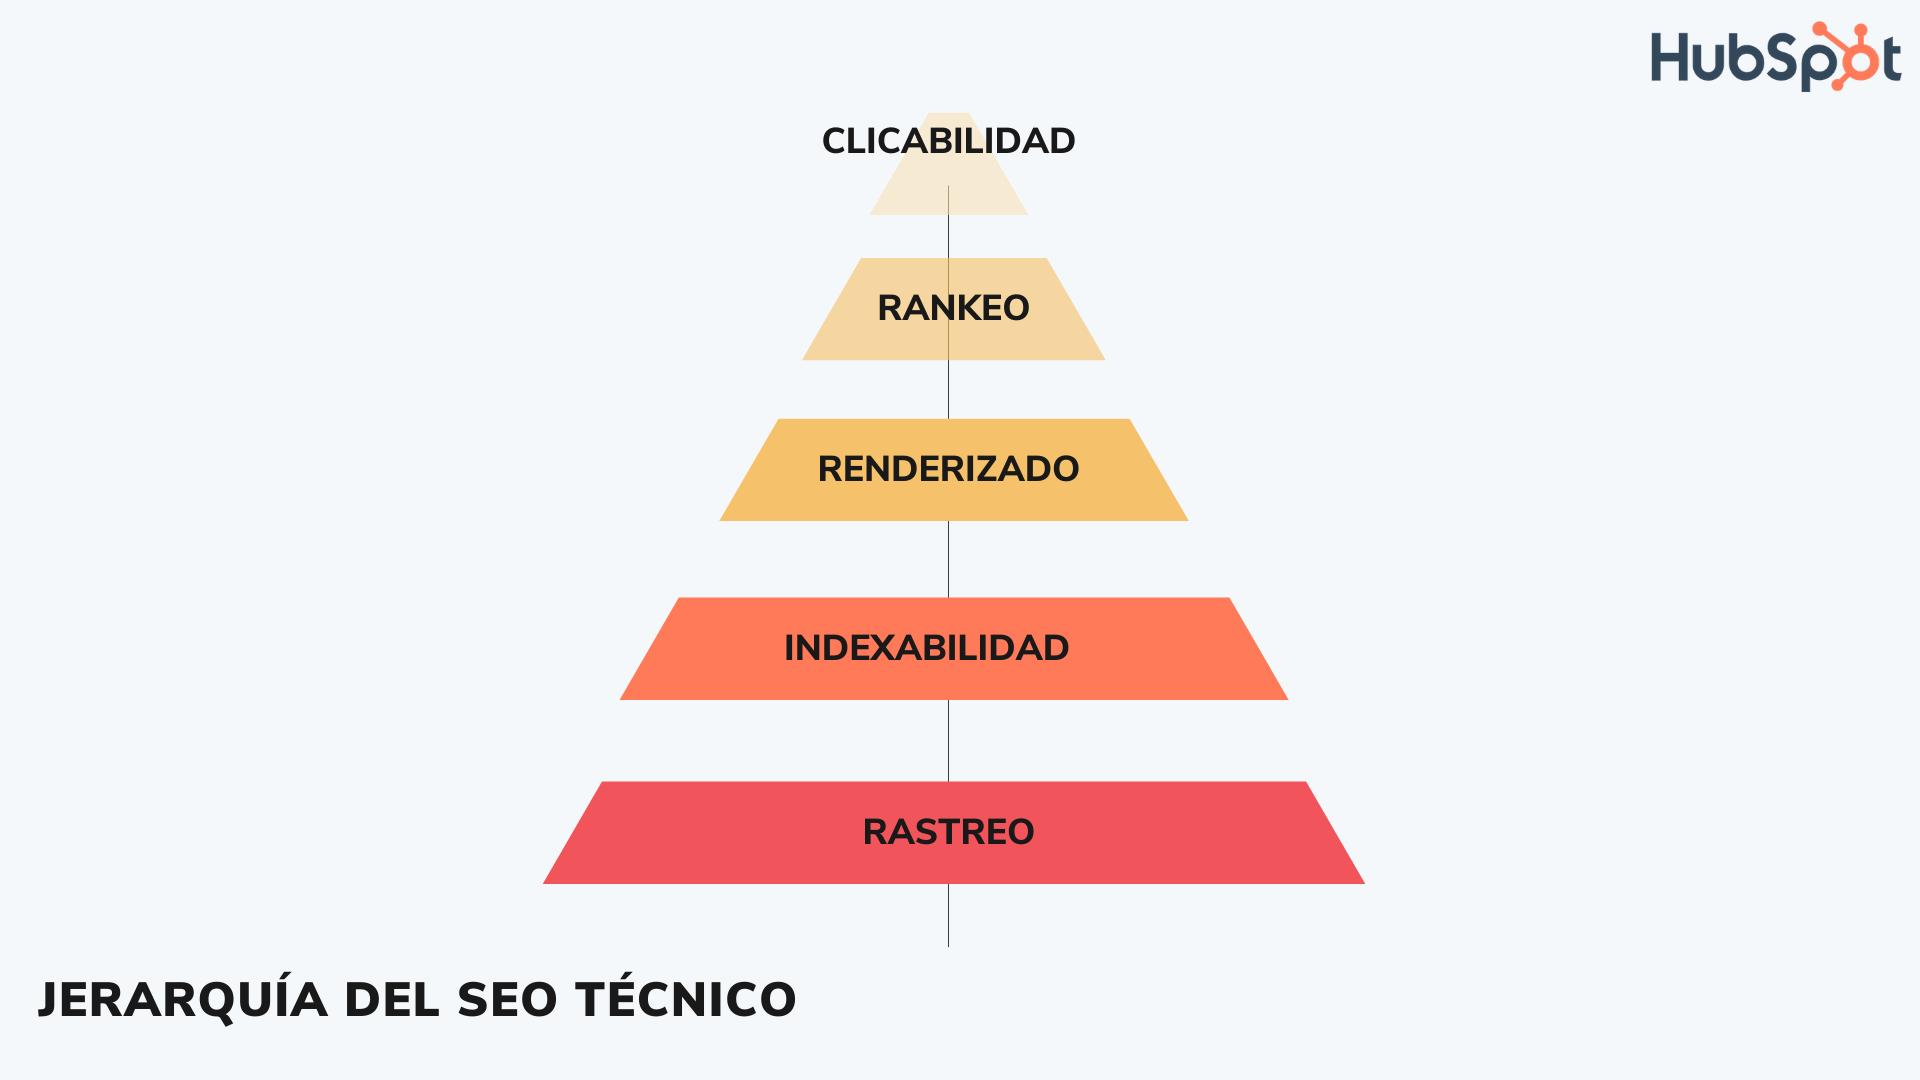 Jerarquía de los elementos del SEO técnico